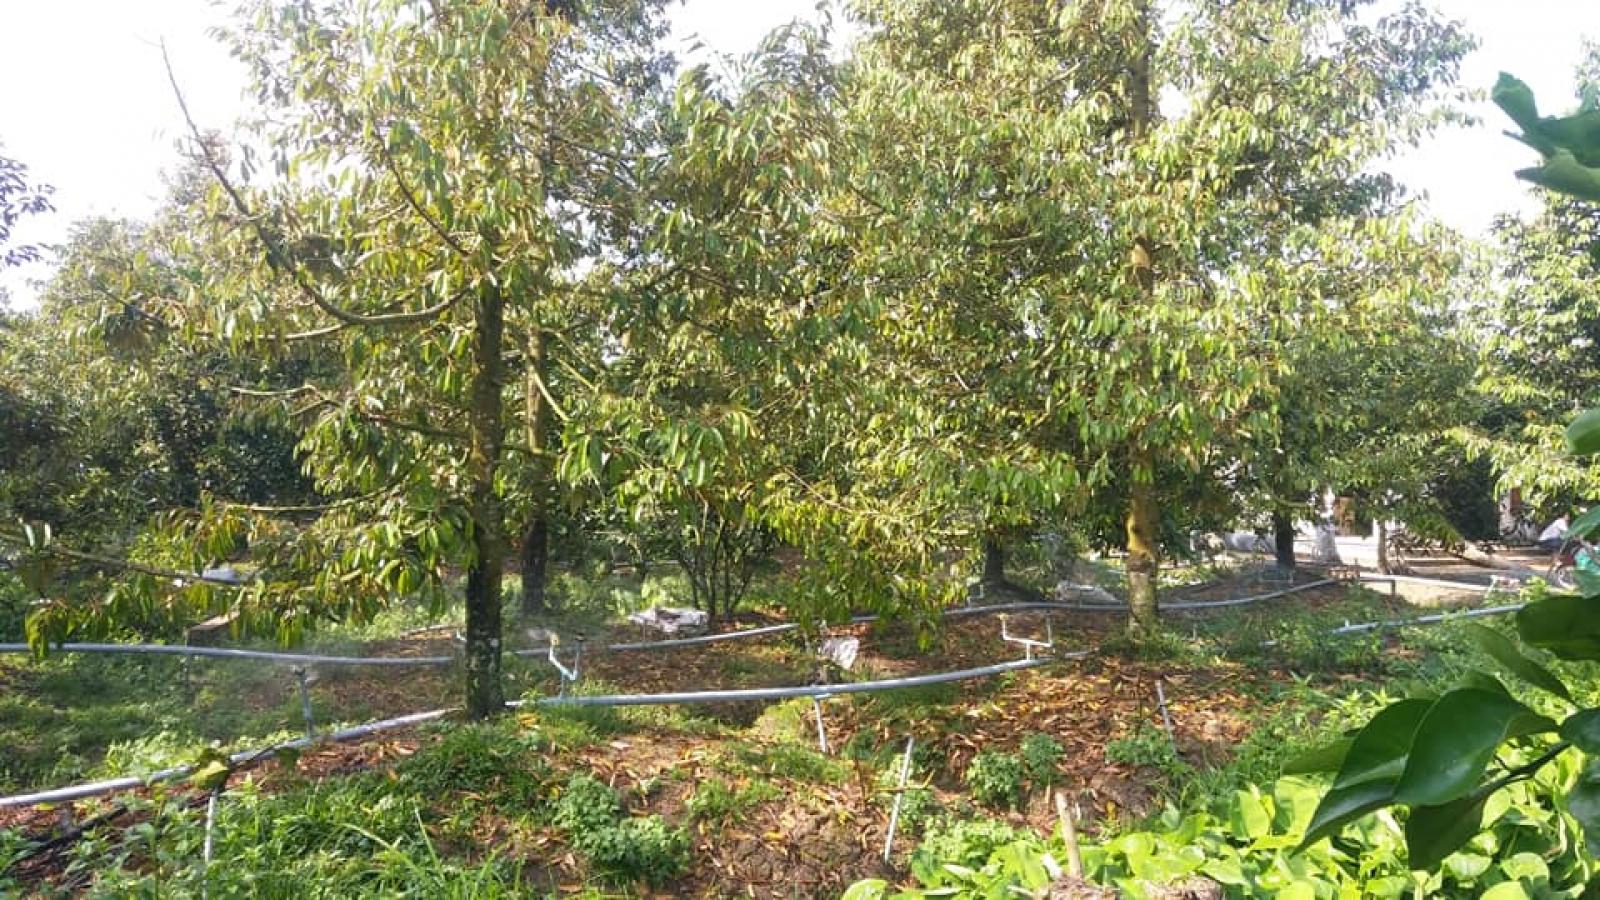 Điểm sáng khôi phục vườn cây đặc sản sau hạn mặn ở Bến Tre